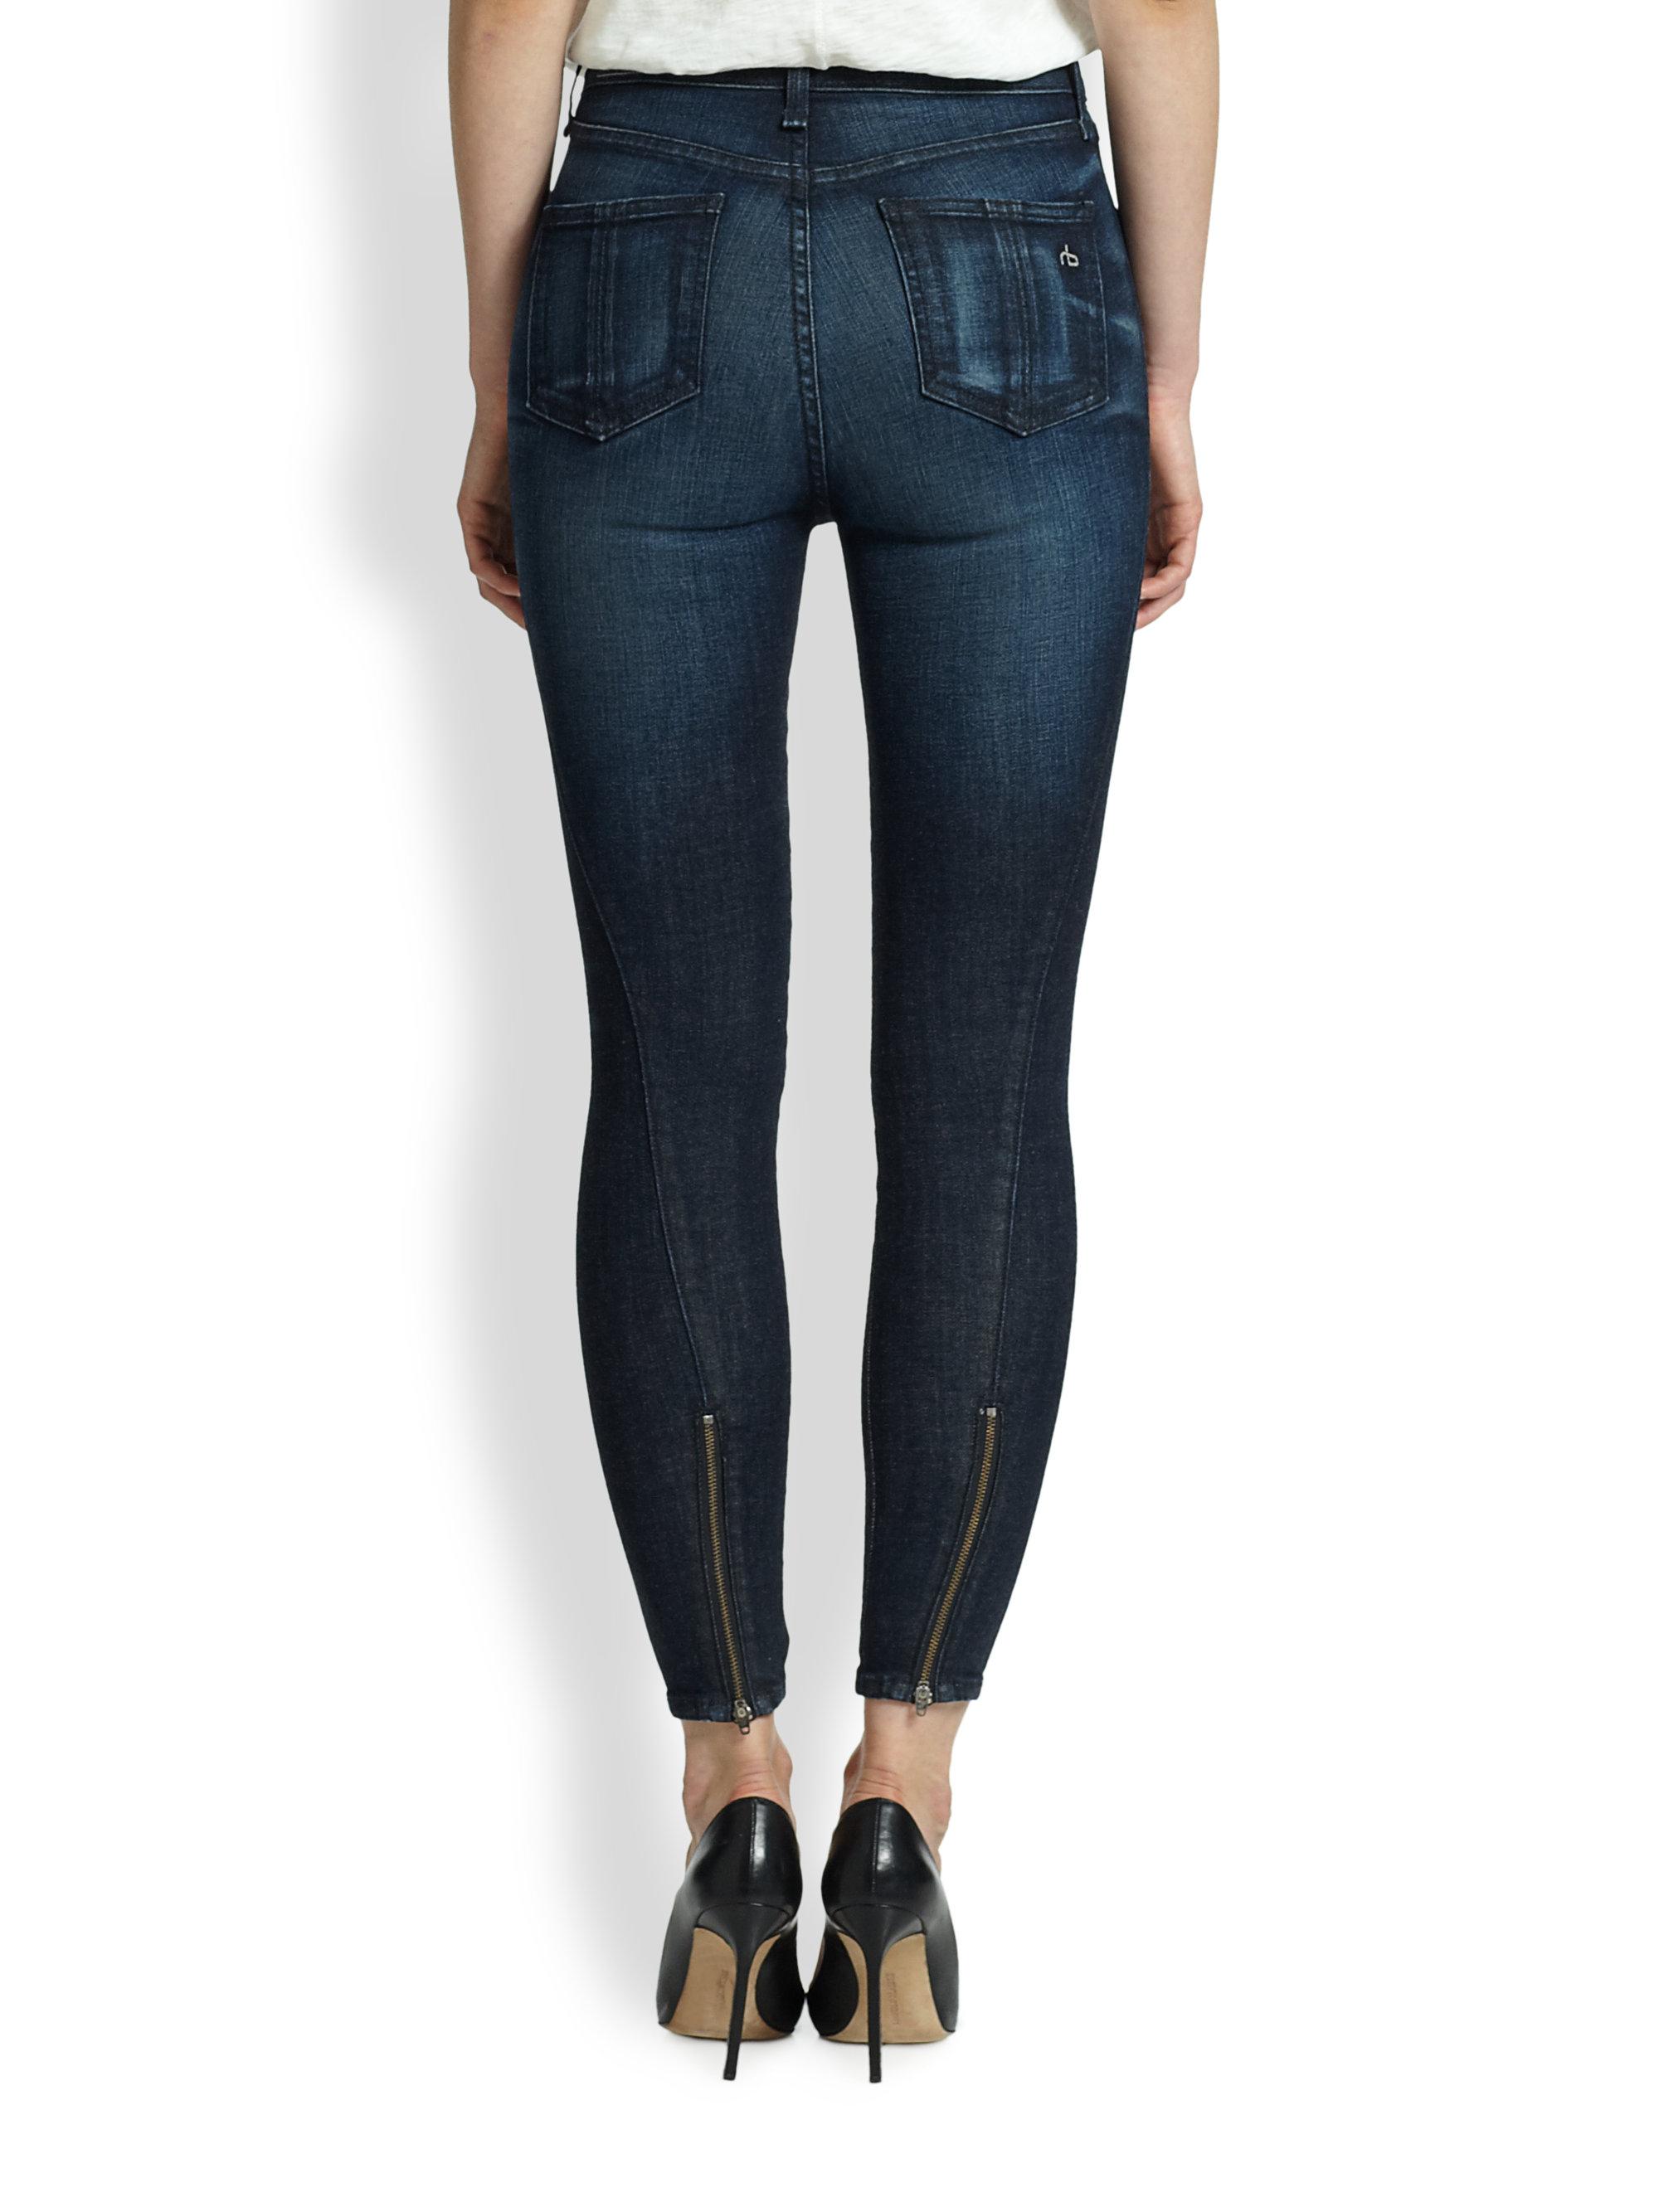 Taille Jean Haute D'os Chiffon Slim Bleu Et H3pl5uk0pu jcR3L5AqS4